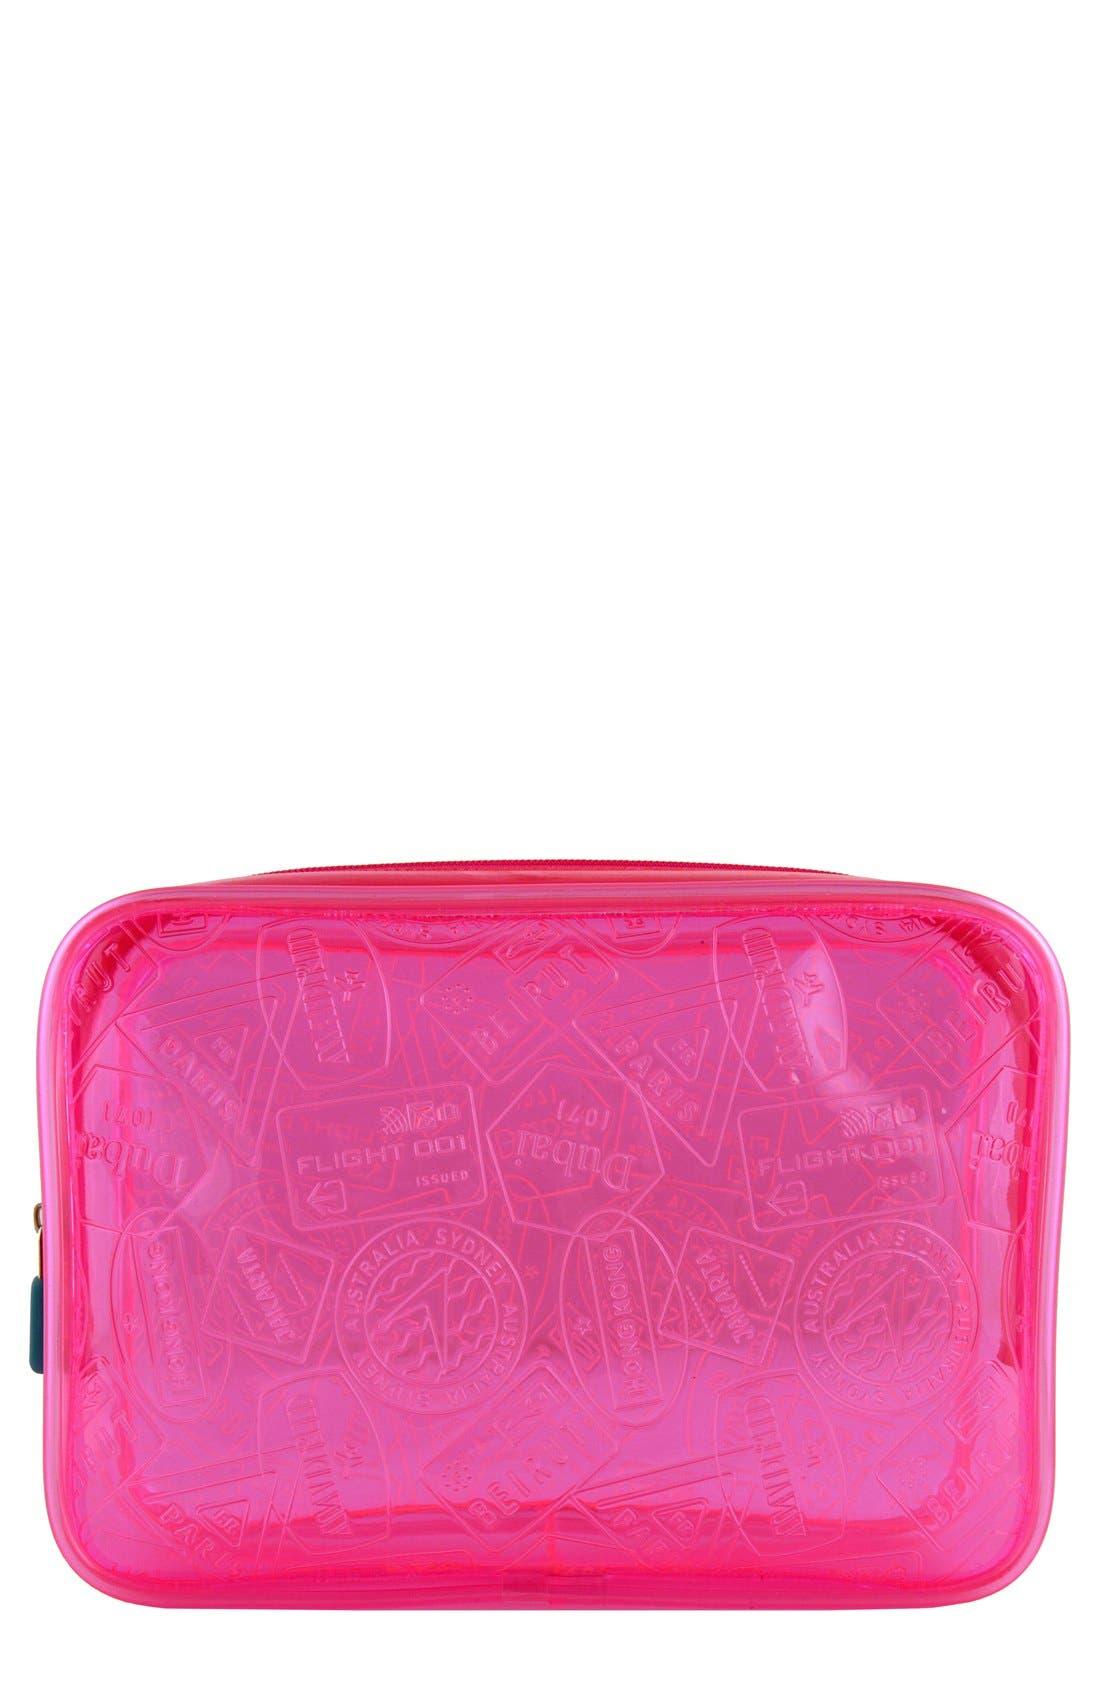 X-Ray Neon Quart Bag,                             Main thumbnail 1, color,                             Pink